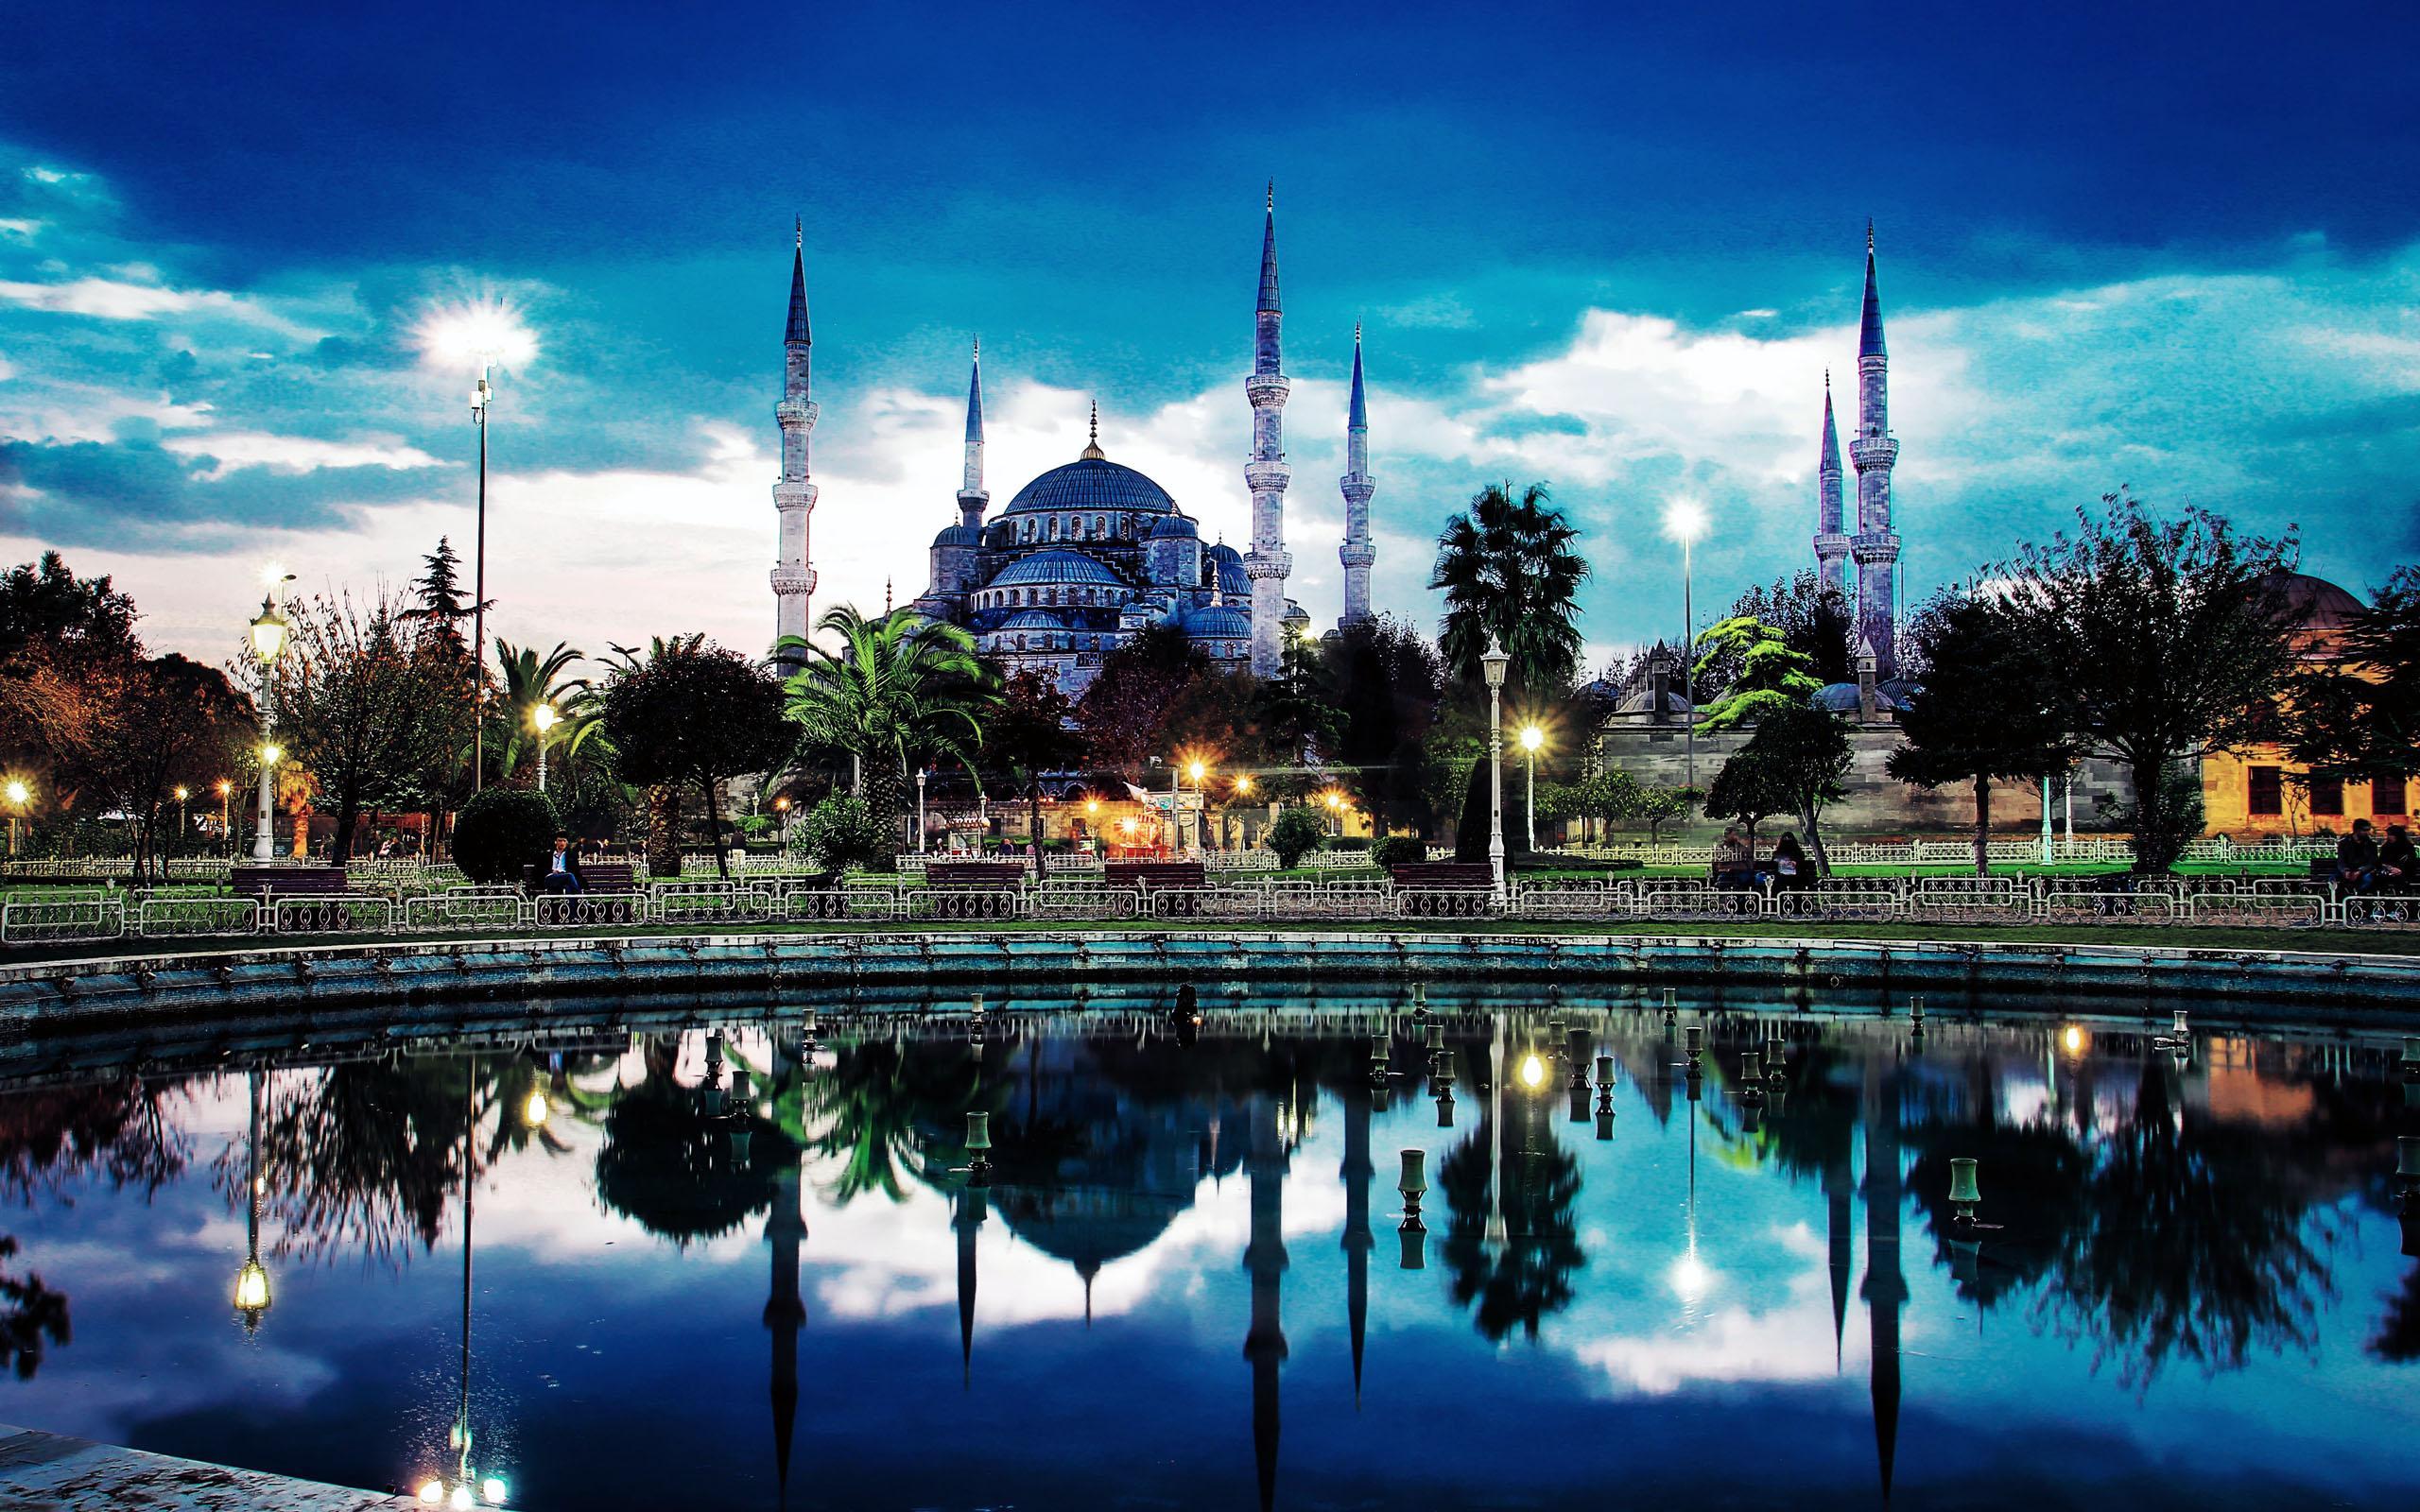 Du khách Việt được miễn phí e-Visa và tham quan Istanbul